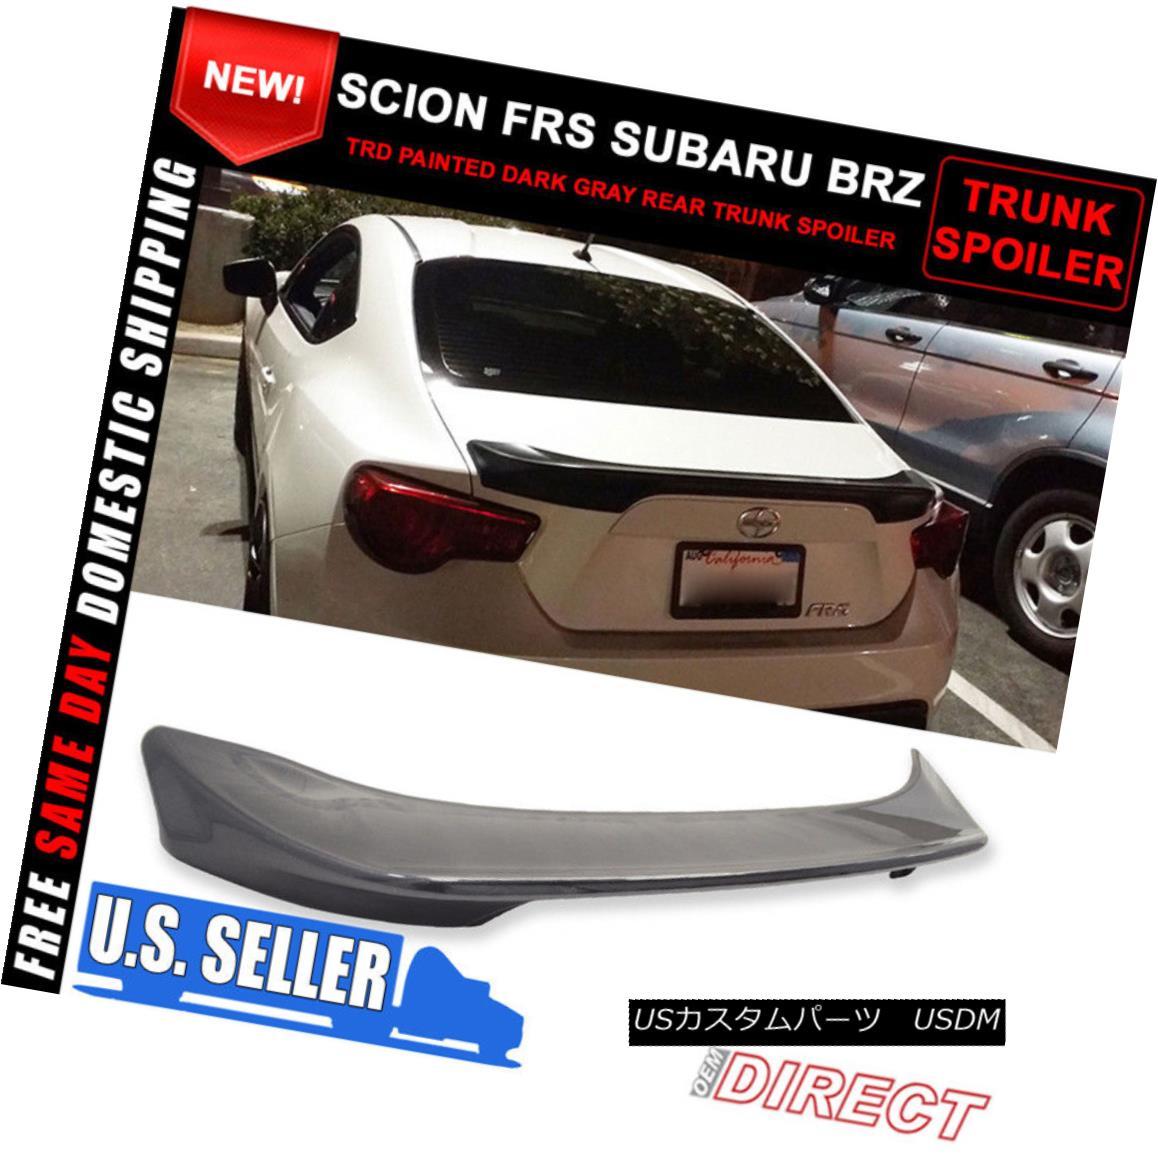 エアロパーツ Fits 13-17 OE Dark Gray Asphalt #61K Scion FRS Subaru BRZ Tr Trunk Spoiler フィット13-17 OEダークグレーアスファルト#61KサイオンFRSスバルBRZ Trトランクスポイラー